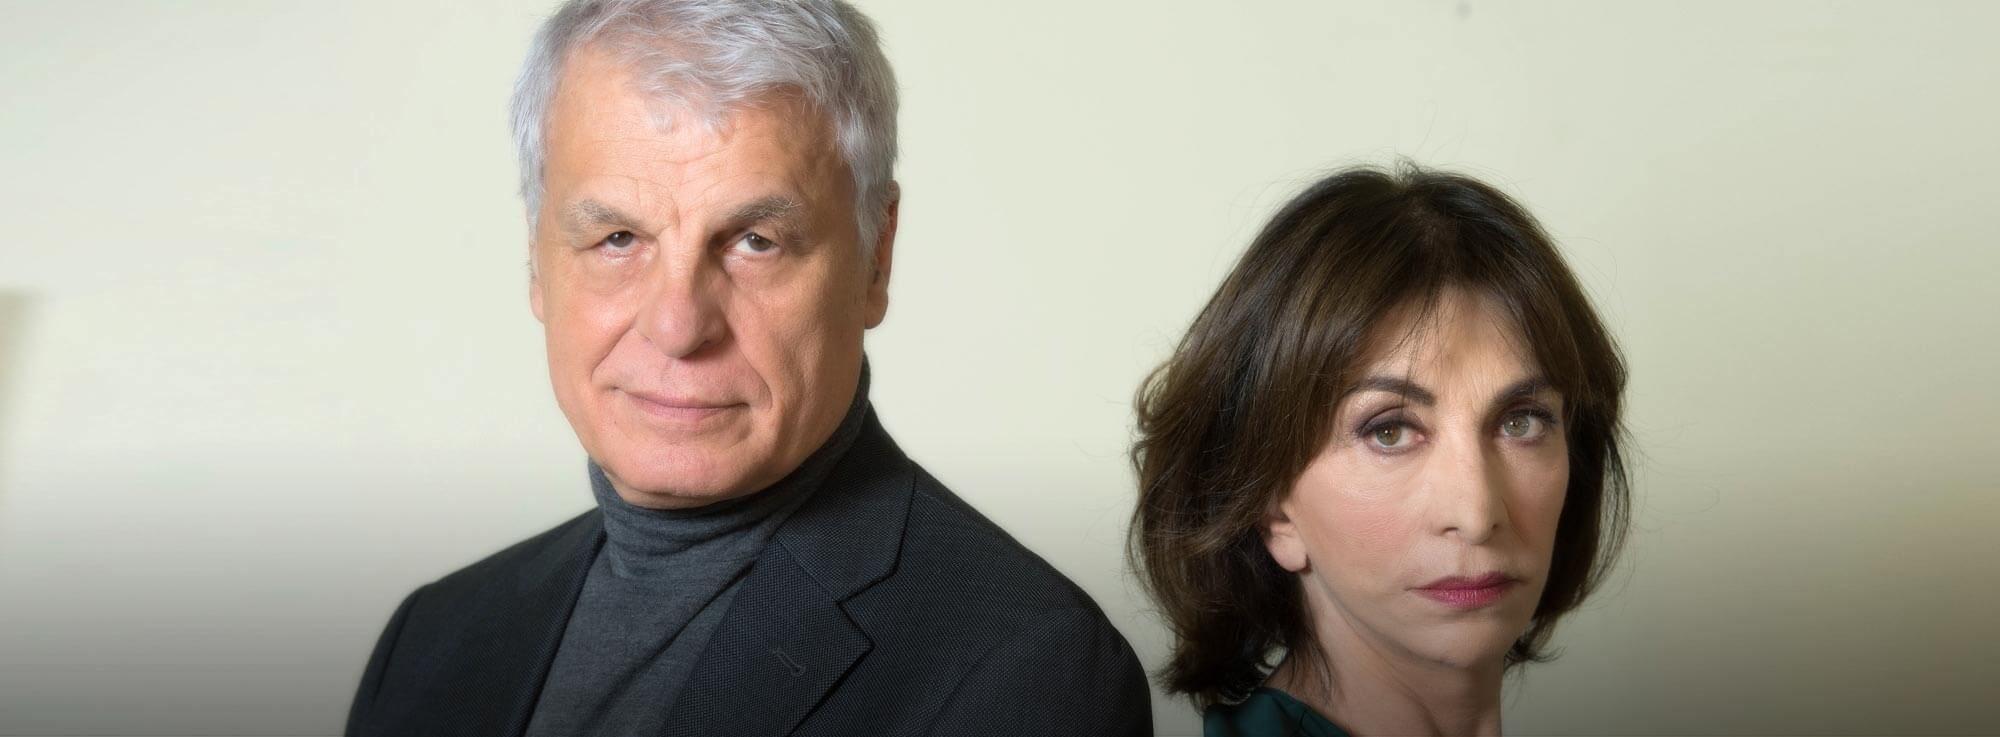 Brindisi: Piccoli crimini coniugali